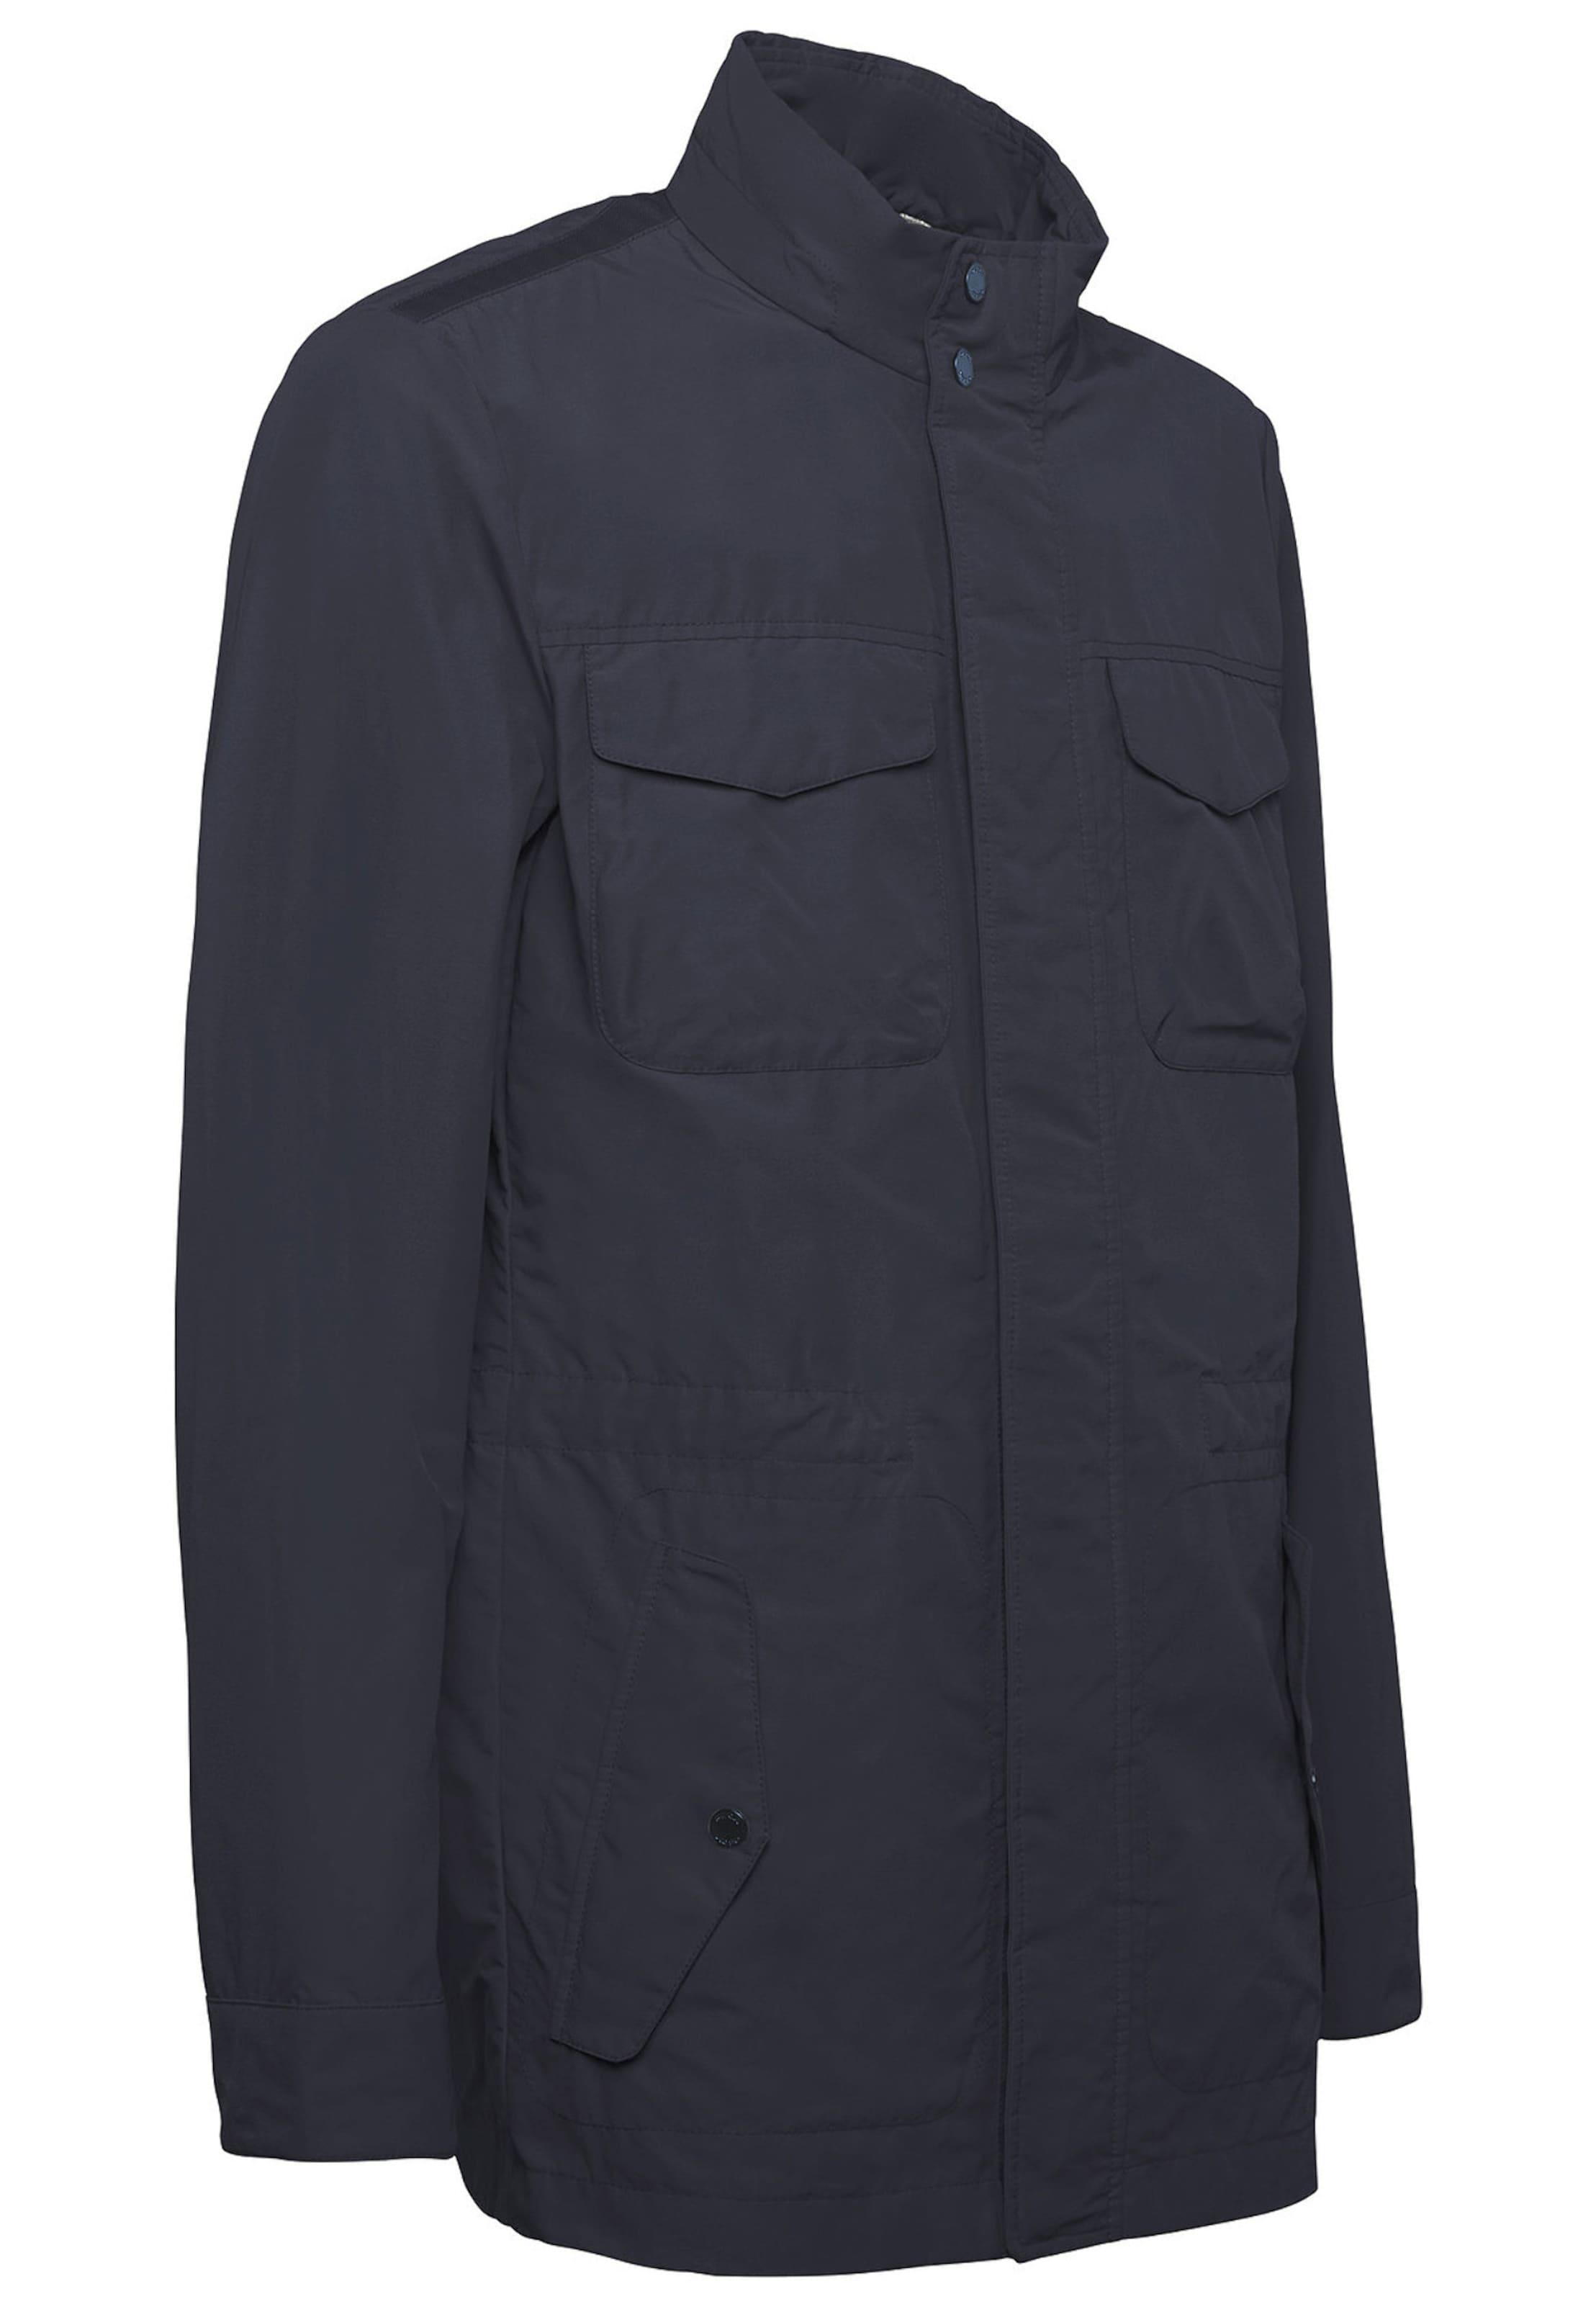 GEOX Jacke in nachtblau Unifarben 015401300160728